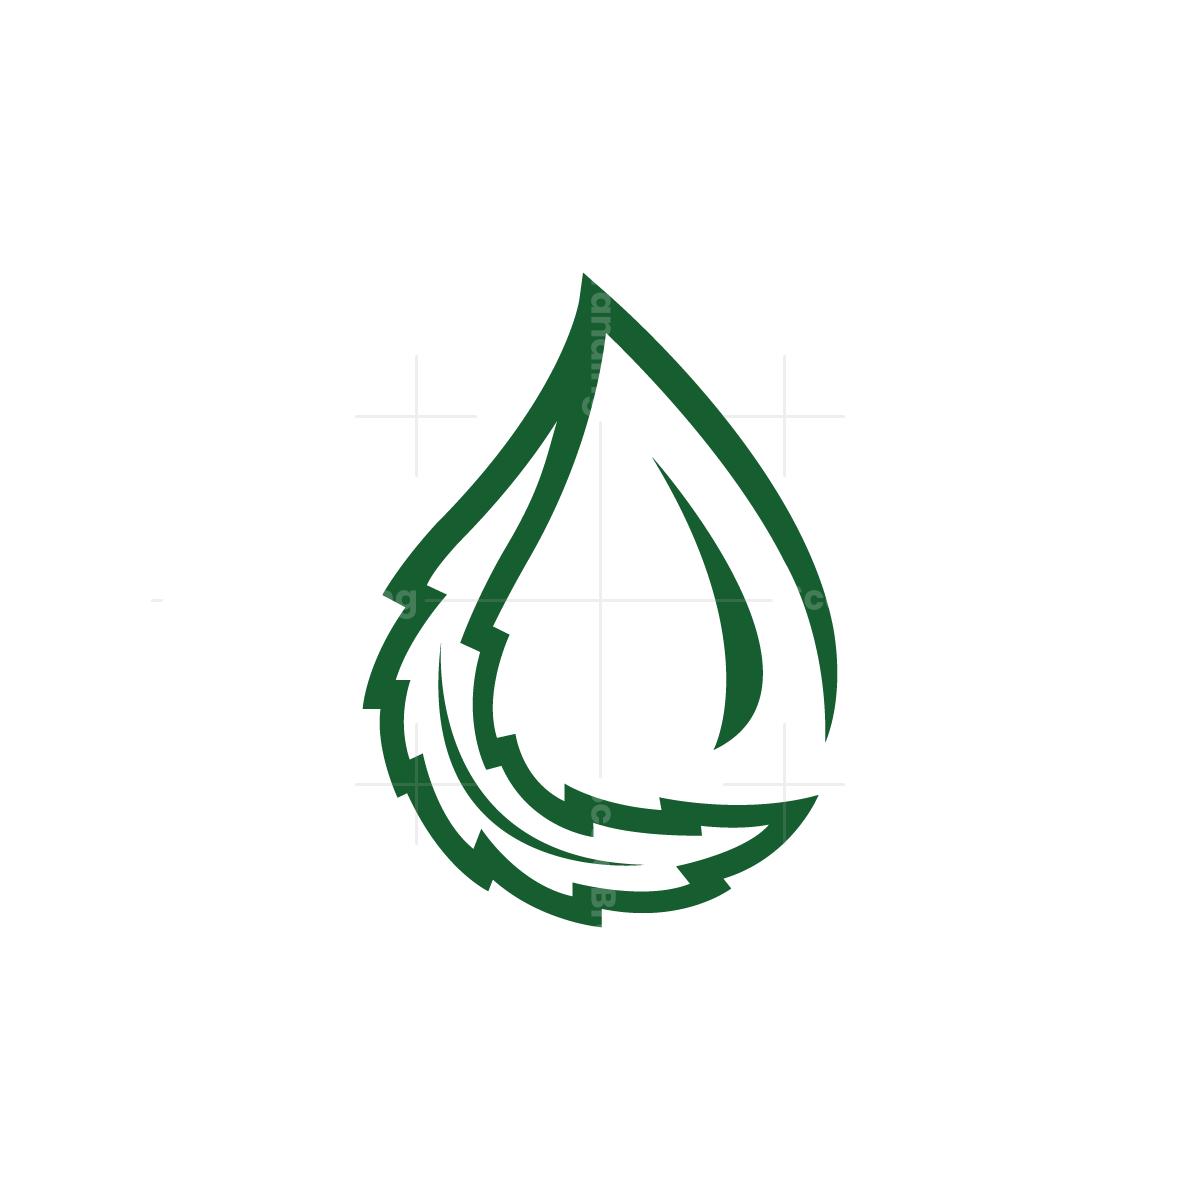 Cannabis Leaf Drop